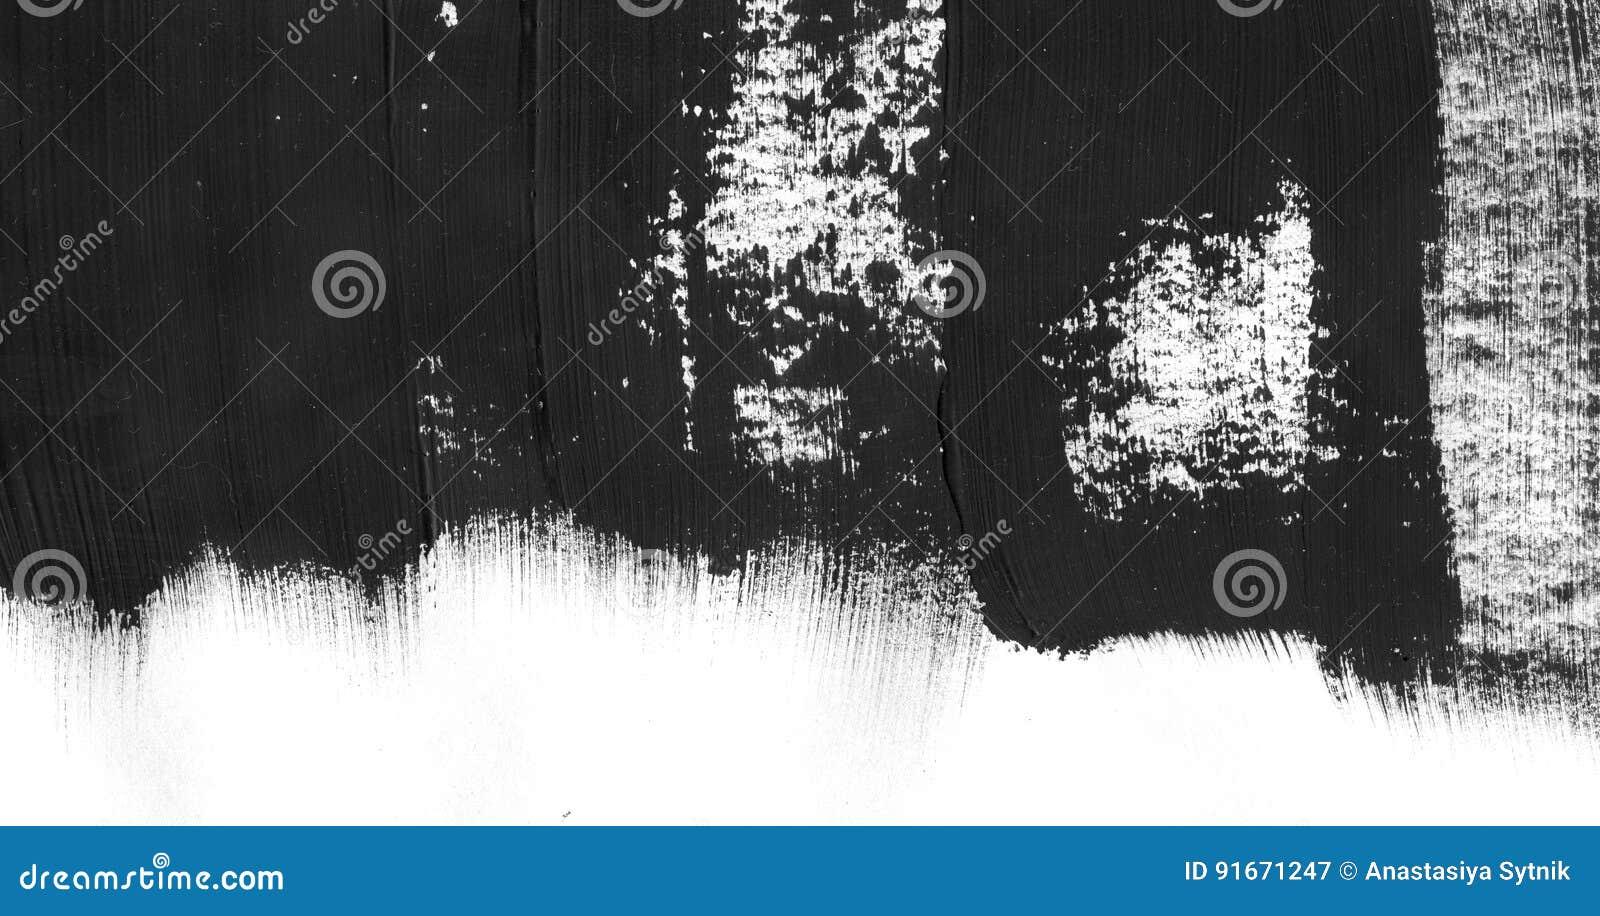 Fondo geométrico del extracto de la pintada Papel pintado con efecto de la acuarela del aceite Textura negra del movimiento de la